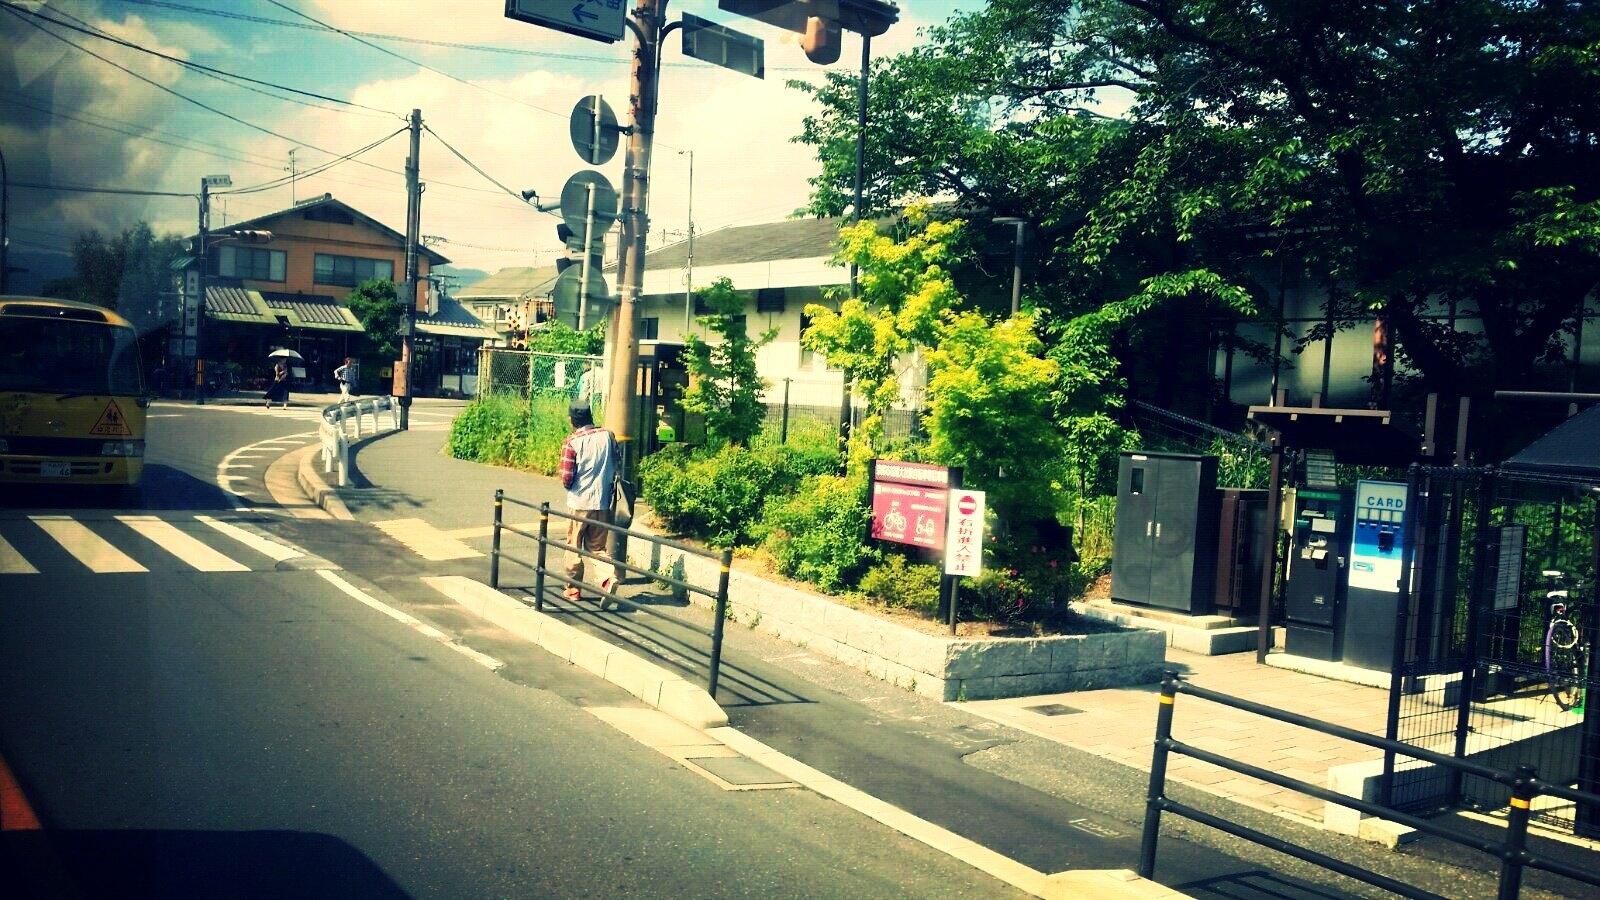 路边小风景.民宅与园艺